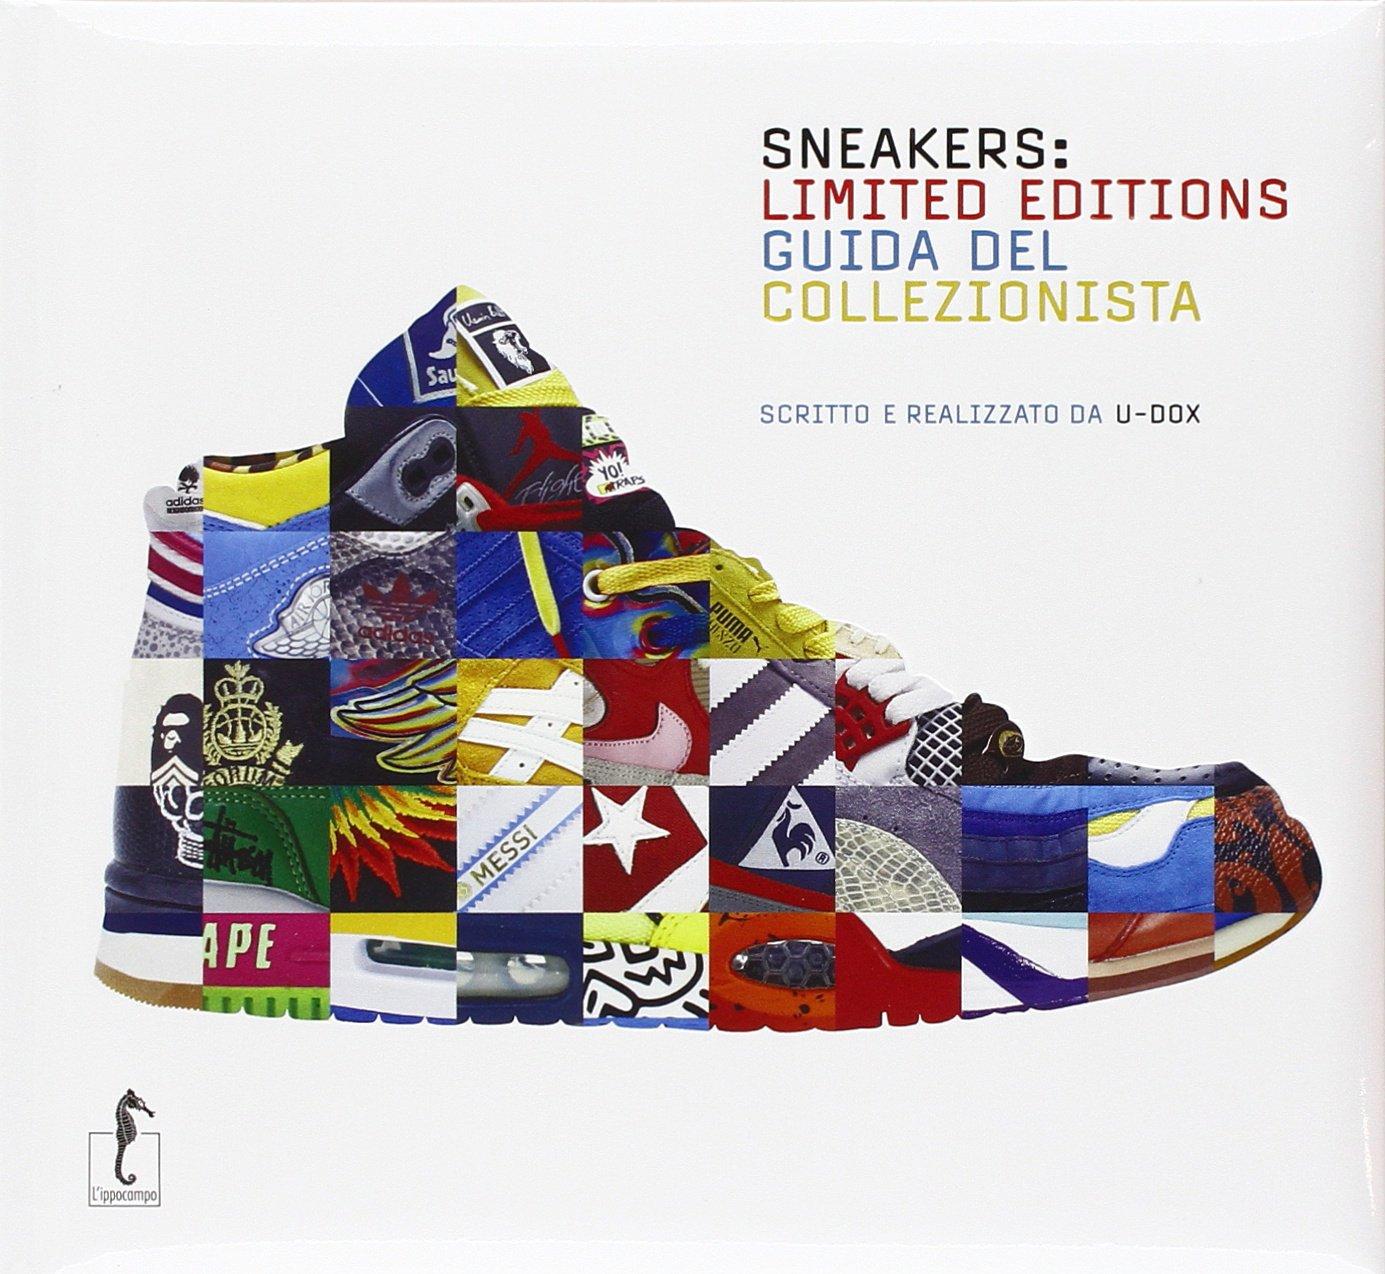 sequel di Sneaker la guida del collezionista